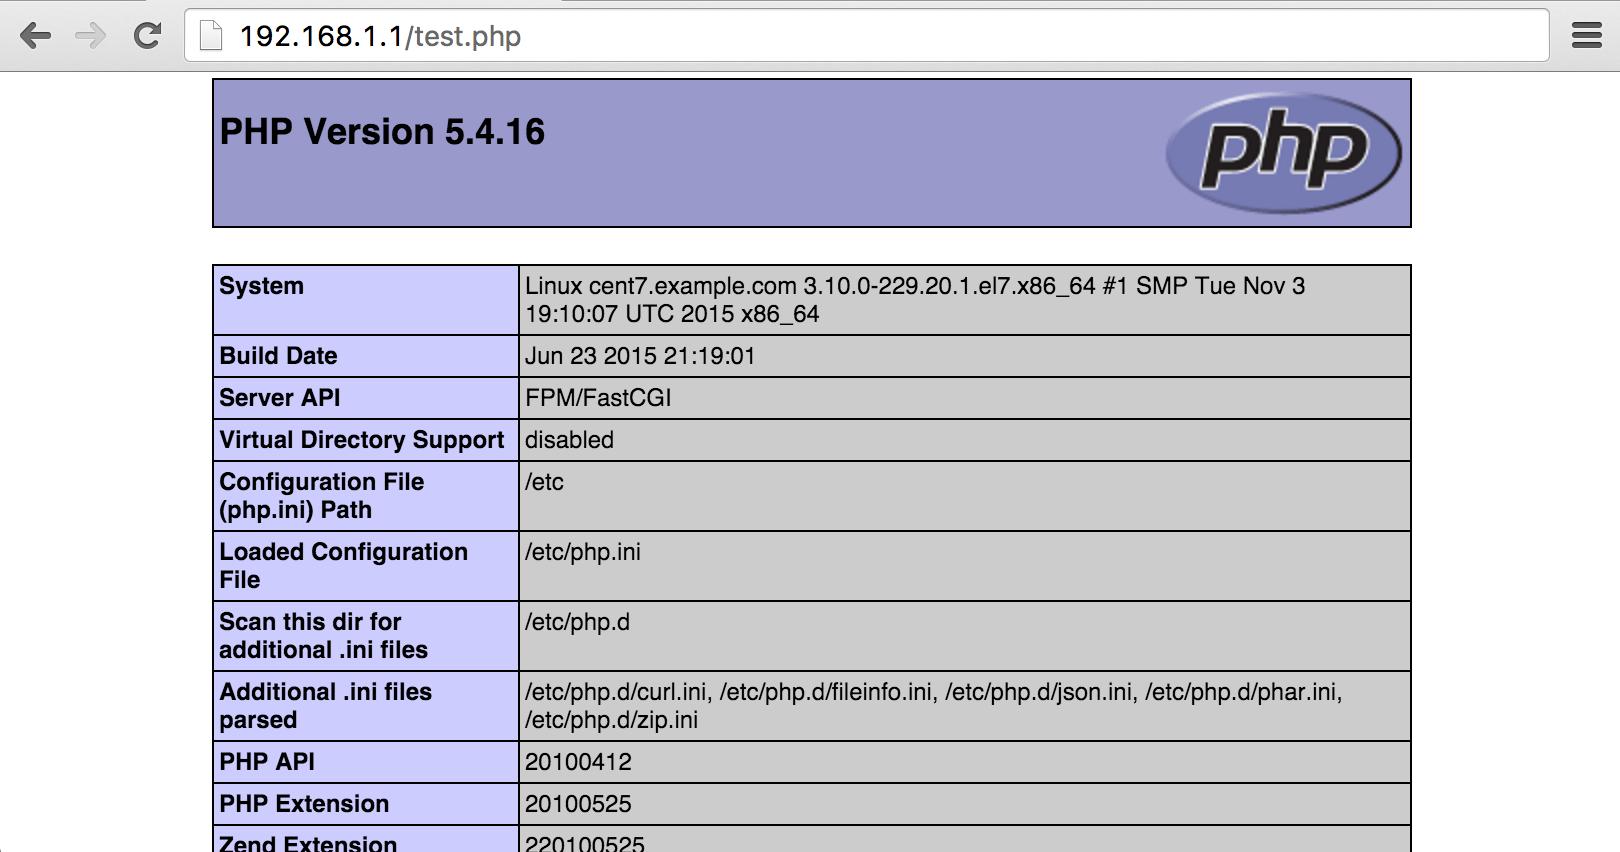 ติดตั้งและคอนฟิก nginx บน CentOS 7 – SpaLinux com – สปาลีนุกซ์